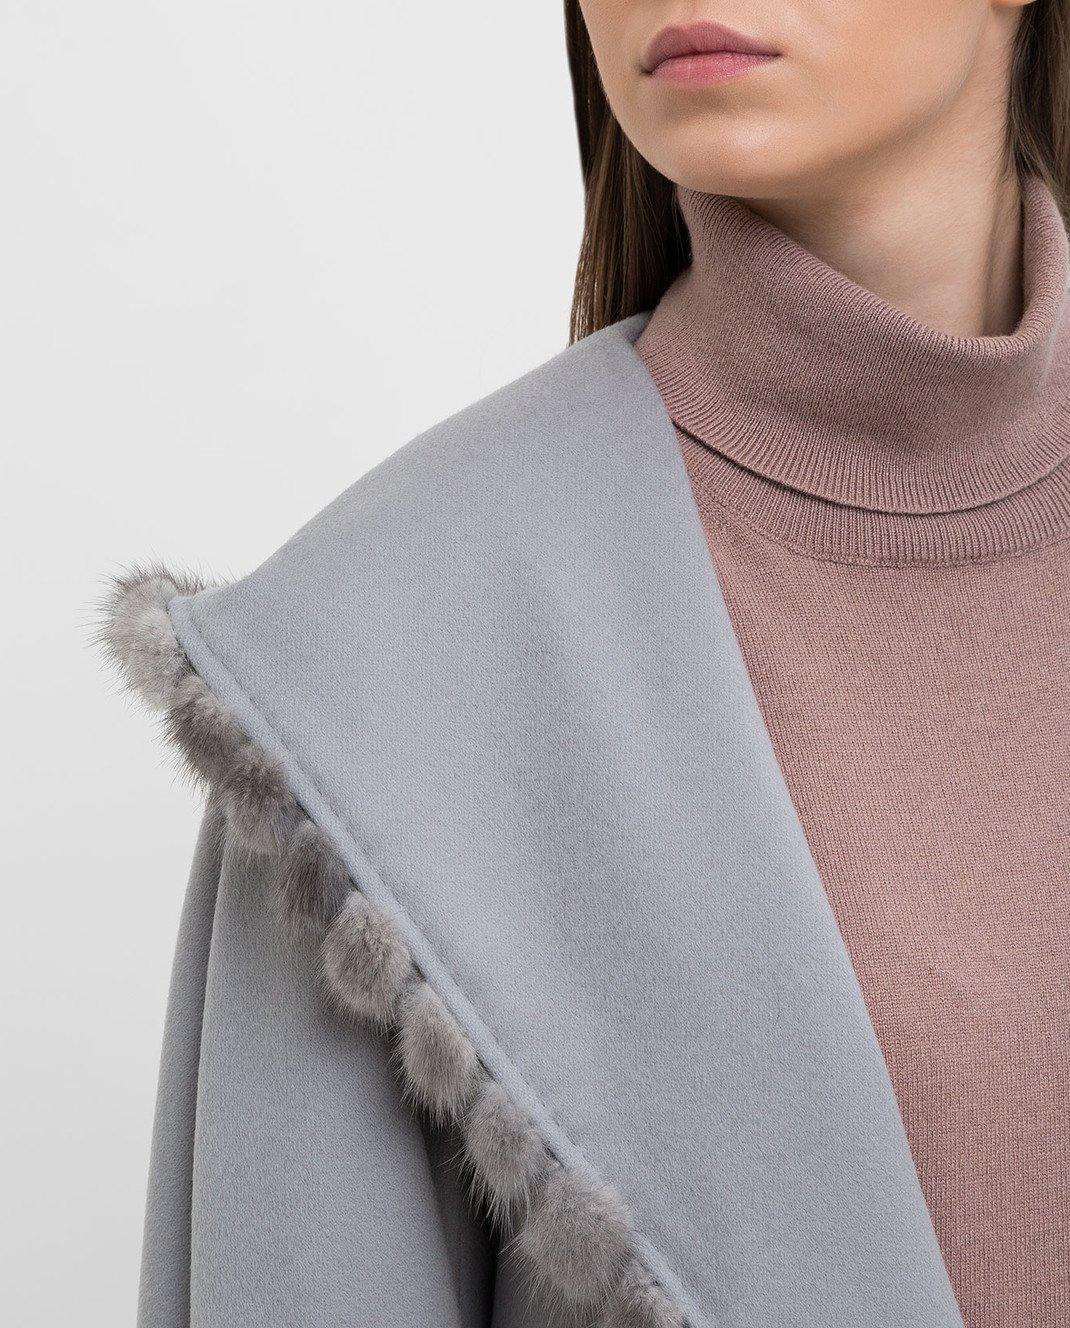 Heresis Серое пальто из шерсти M33130VIF260 изображение 5